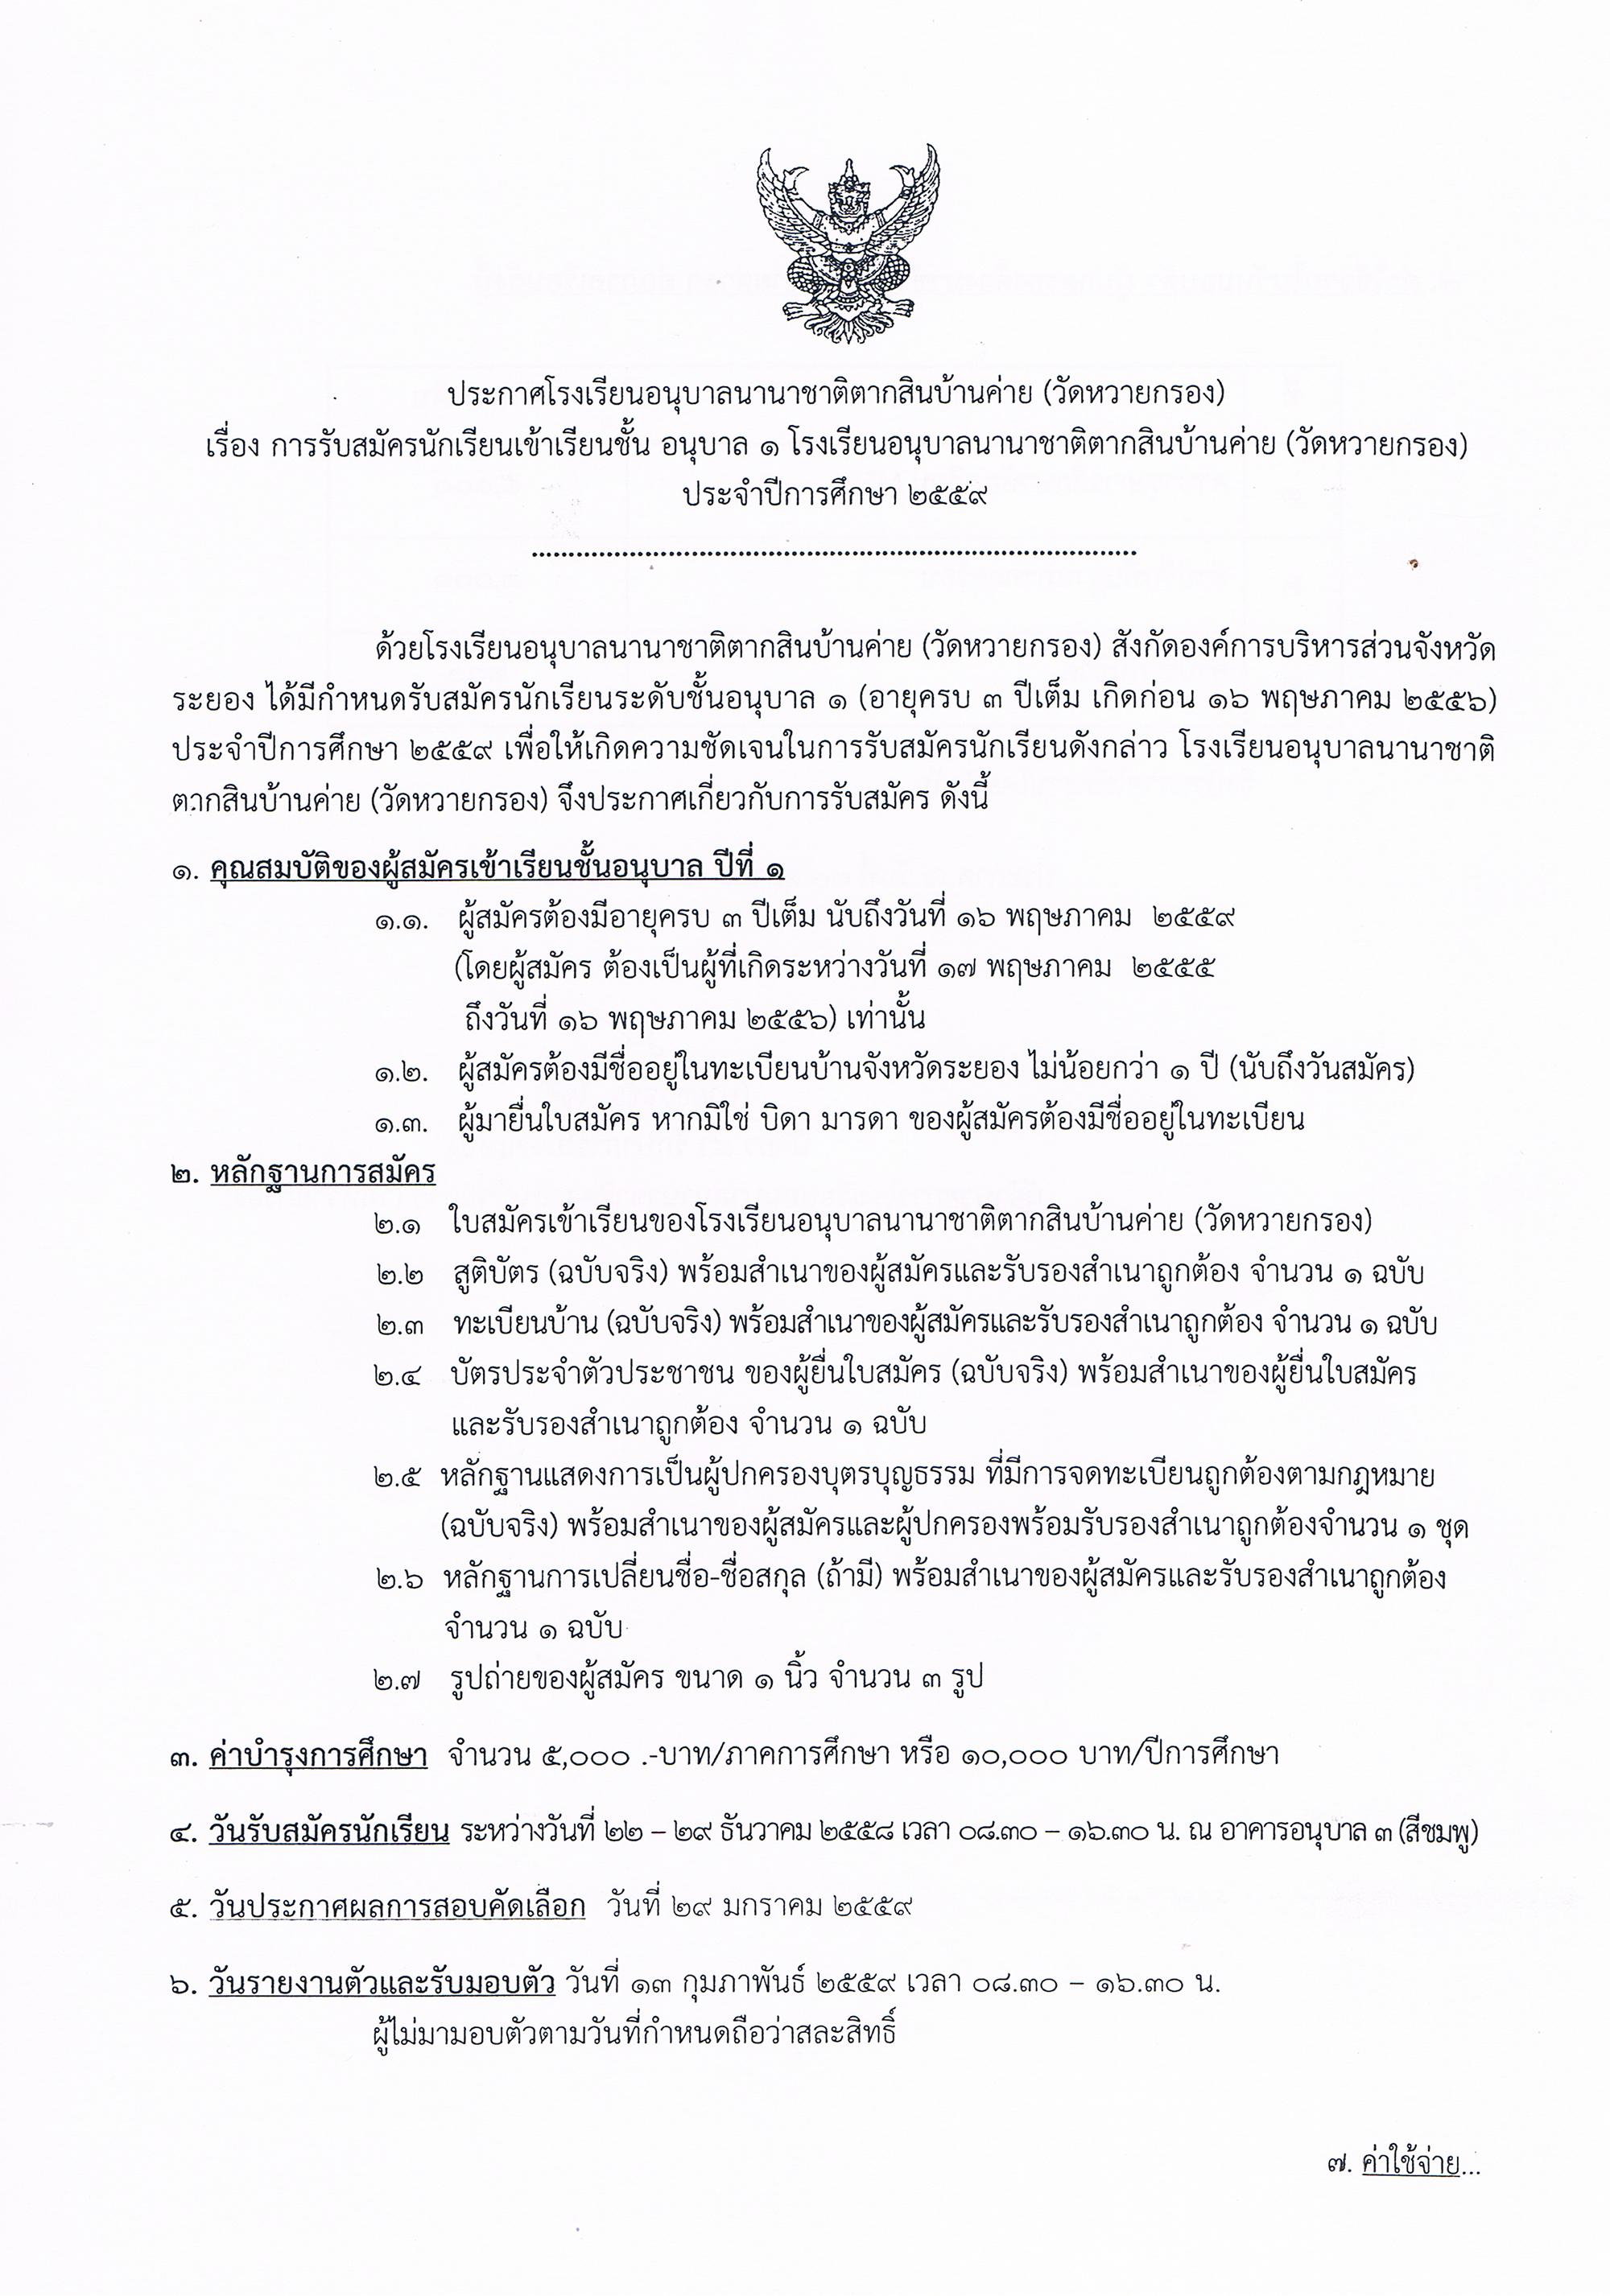 ประกาศเรื่องการรับนักเรียนเข้าชั้นเรียน อนุบาล 1 หน้า 1